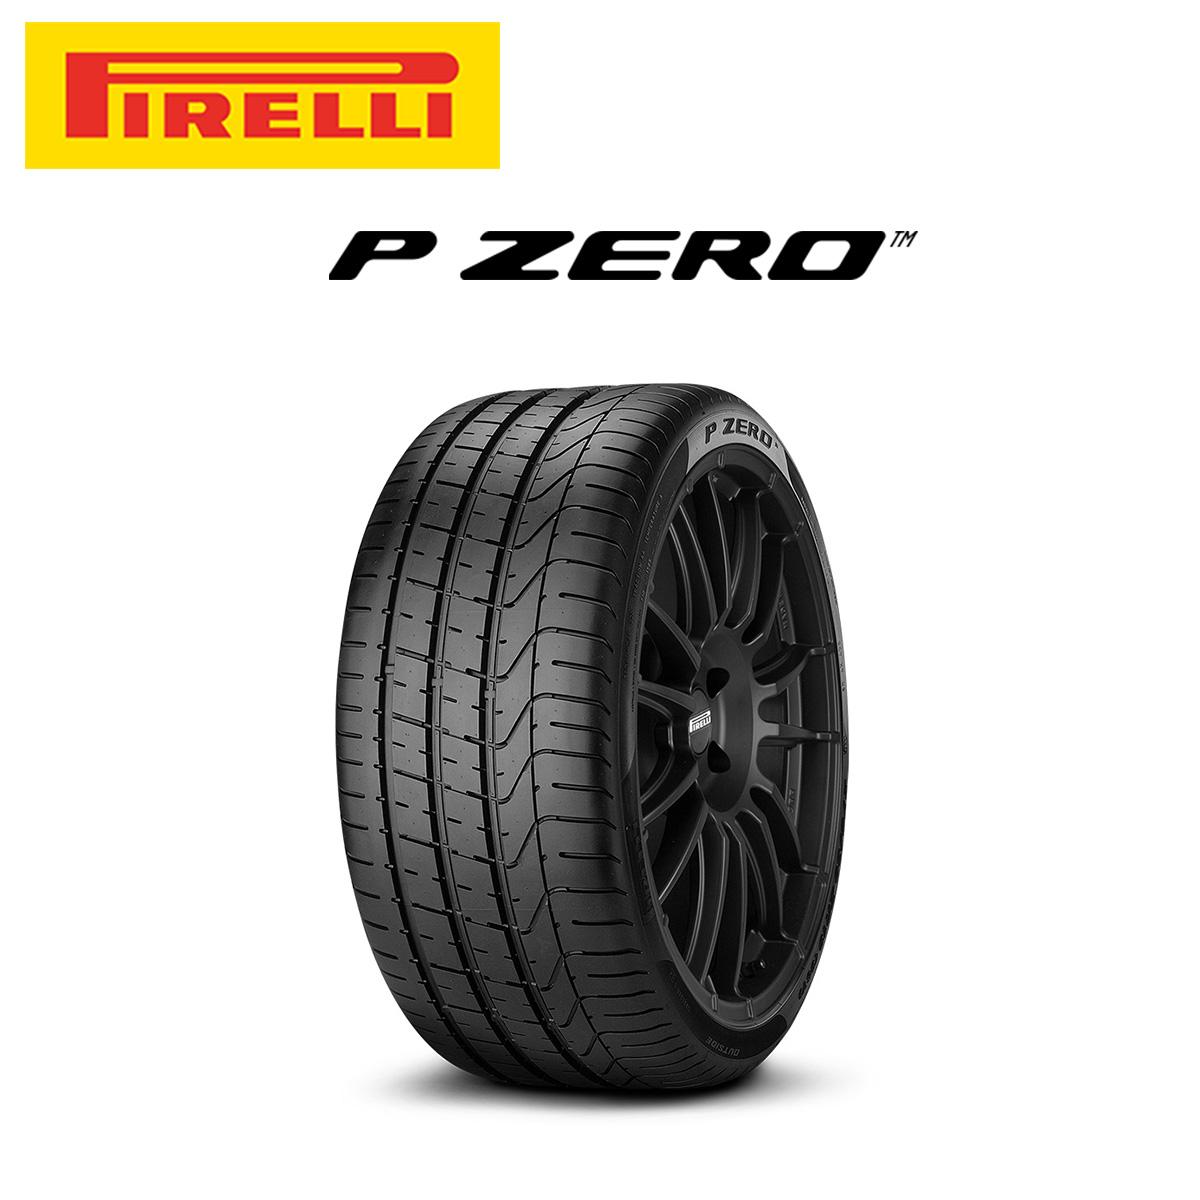 ピレリ PIRELLI P ZERO ピーゼロ 19インチ サマー タイヤ 4本 セット 275/40R19 101Y r-f ★:BMW MINI承認タイヤ 2153200